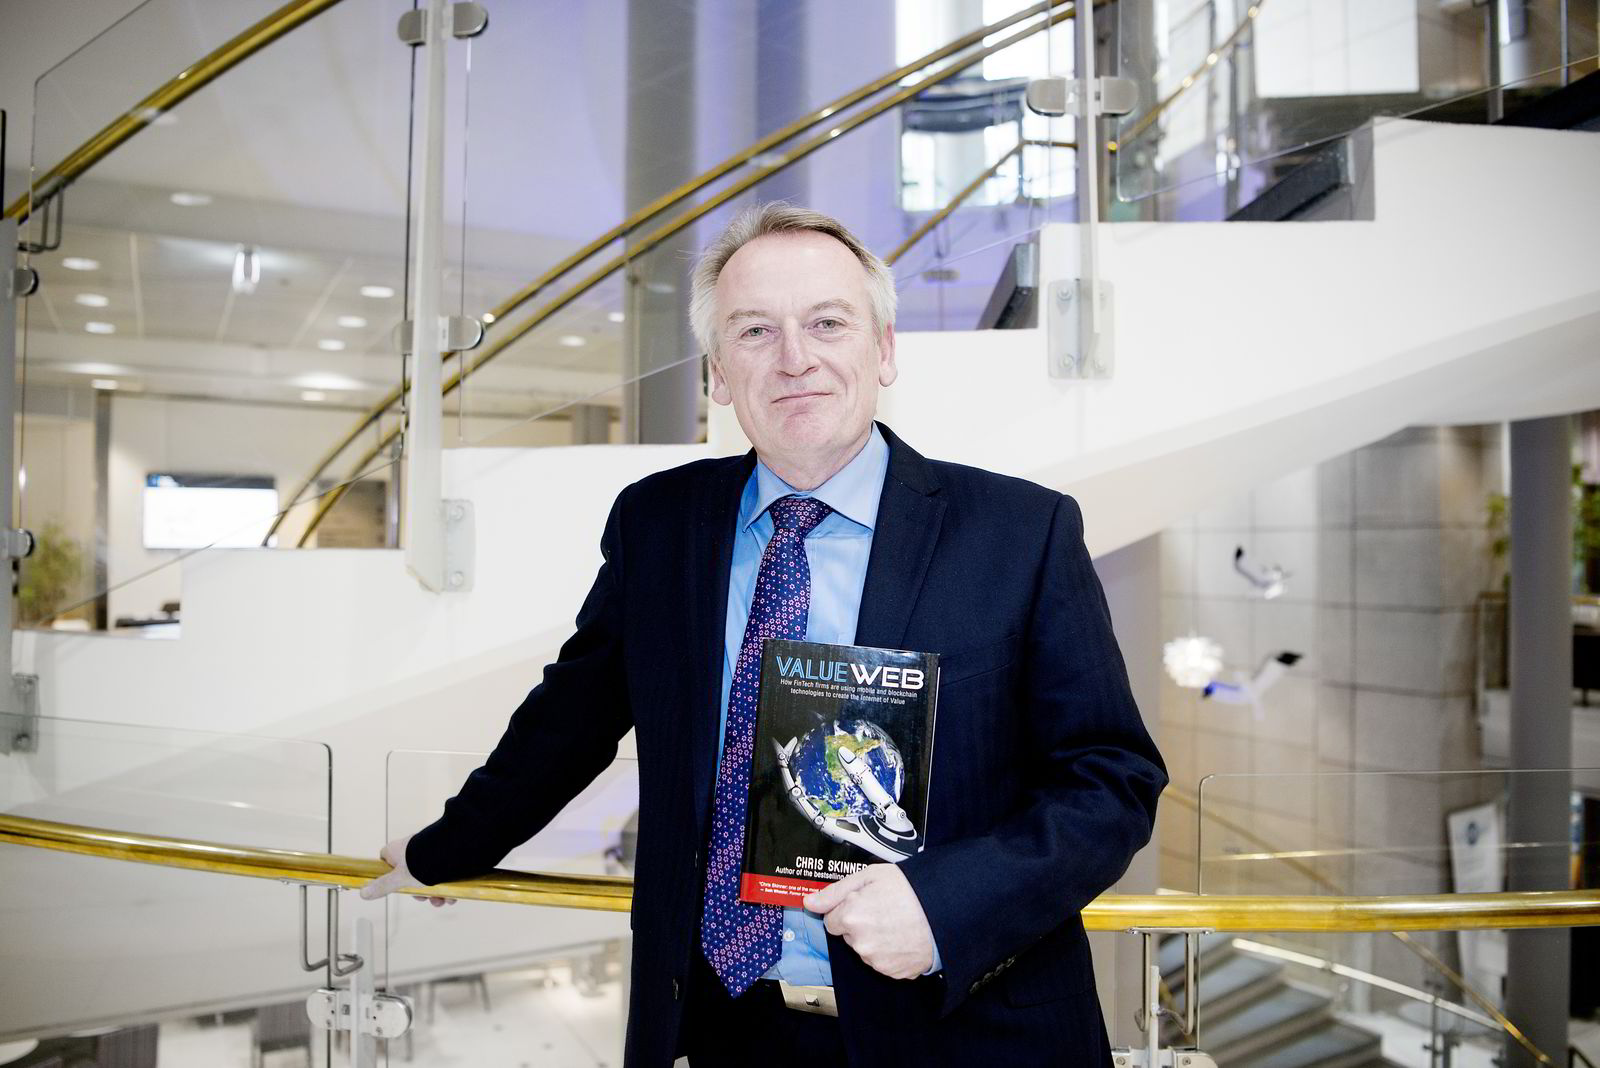 Forfatter og fintech-ekspert Chris Skinner.